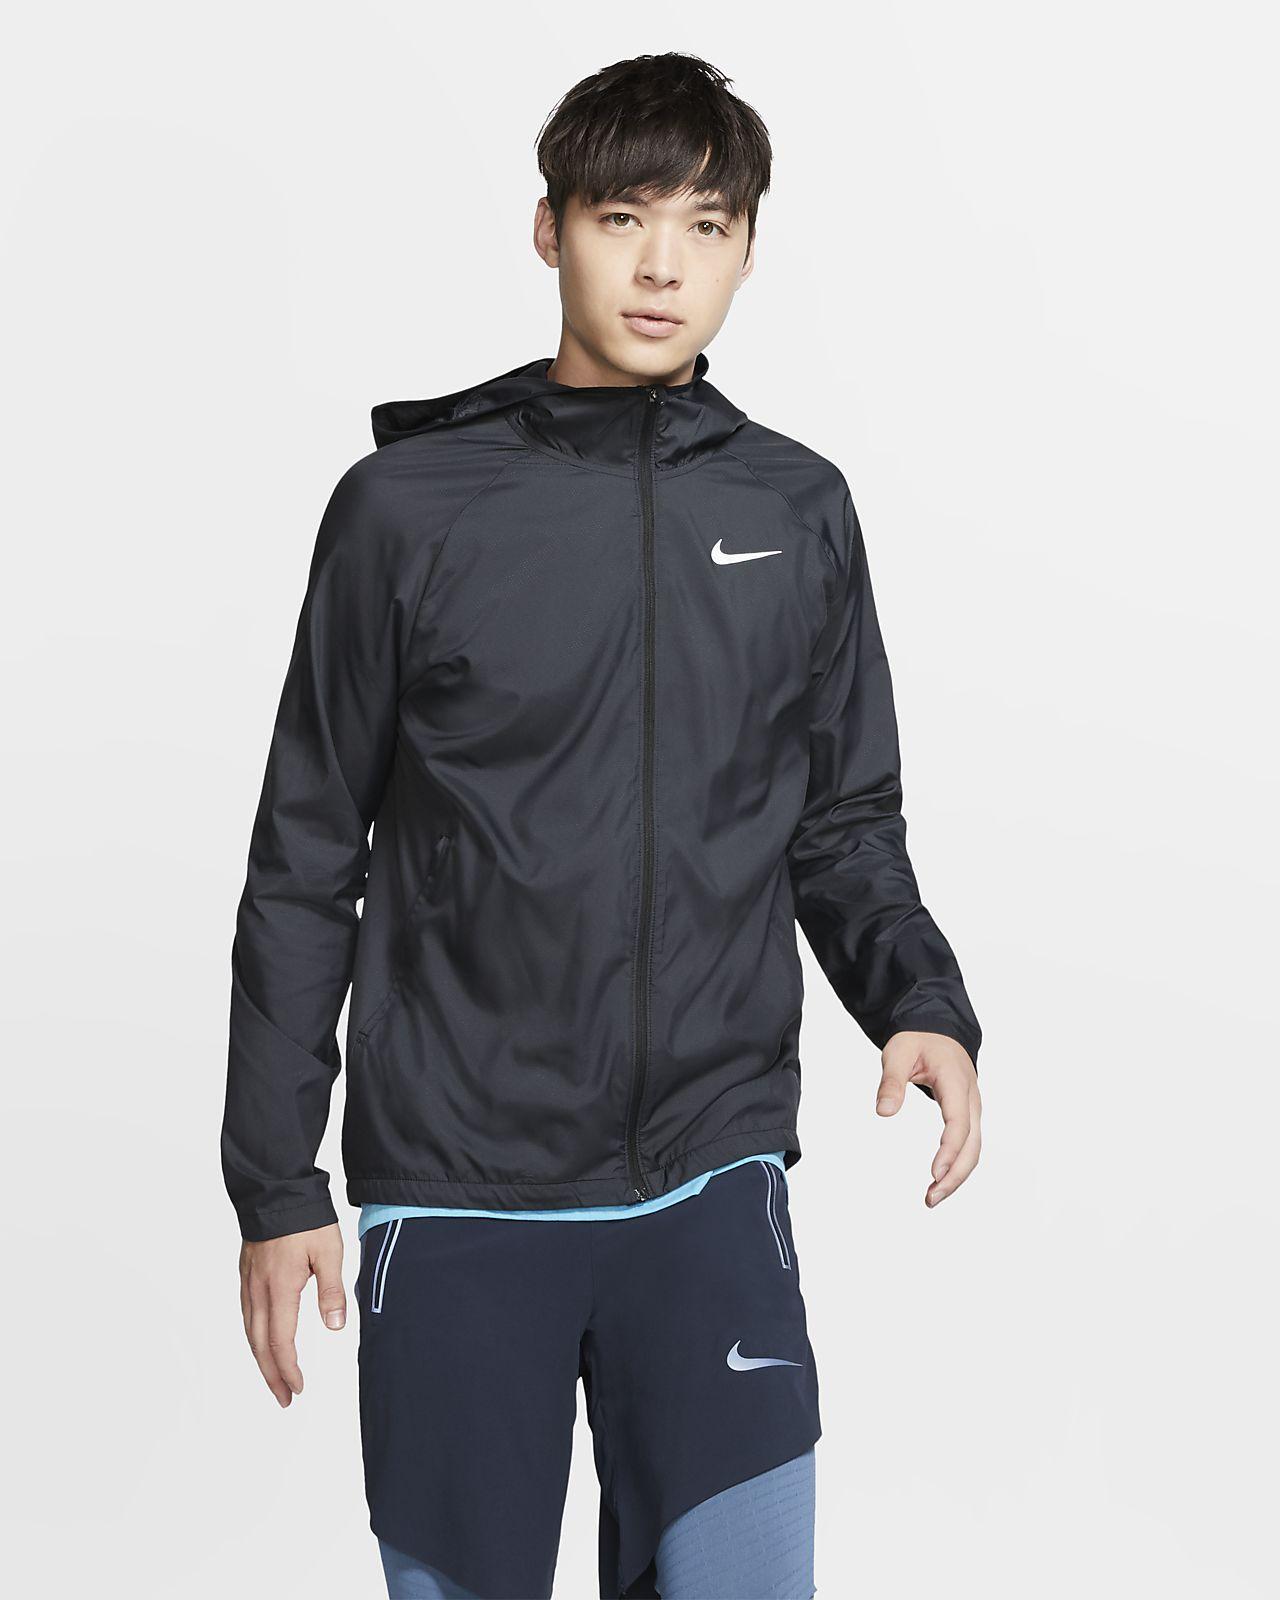 เสื้อแจ็คเก็ตวิ่งมีฮู้ดผู้ชาย Nike Essential